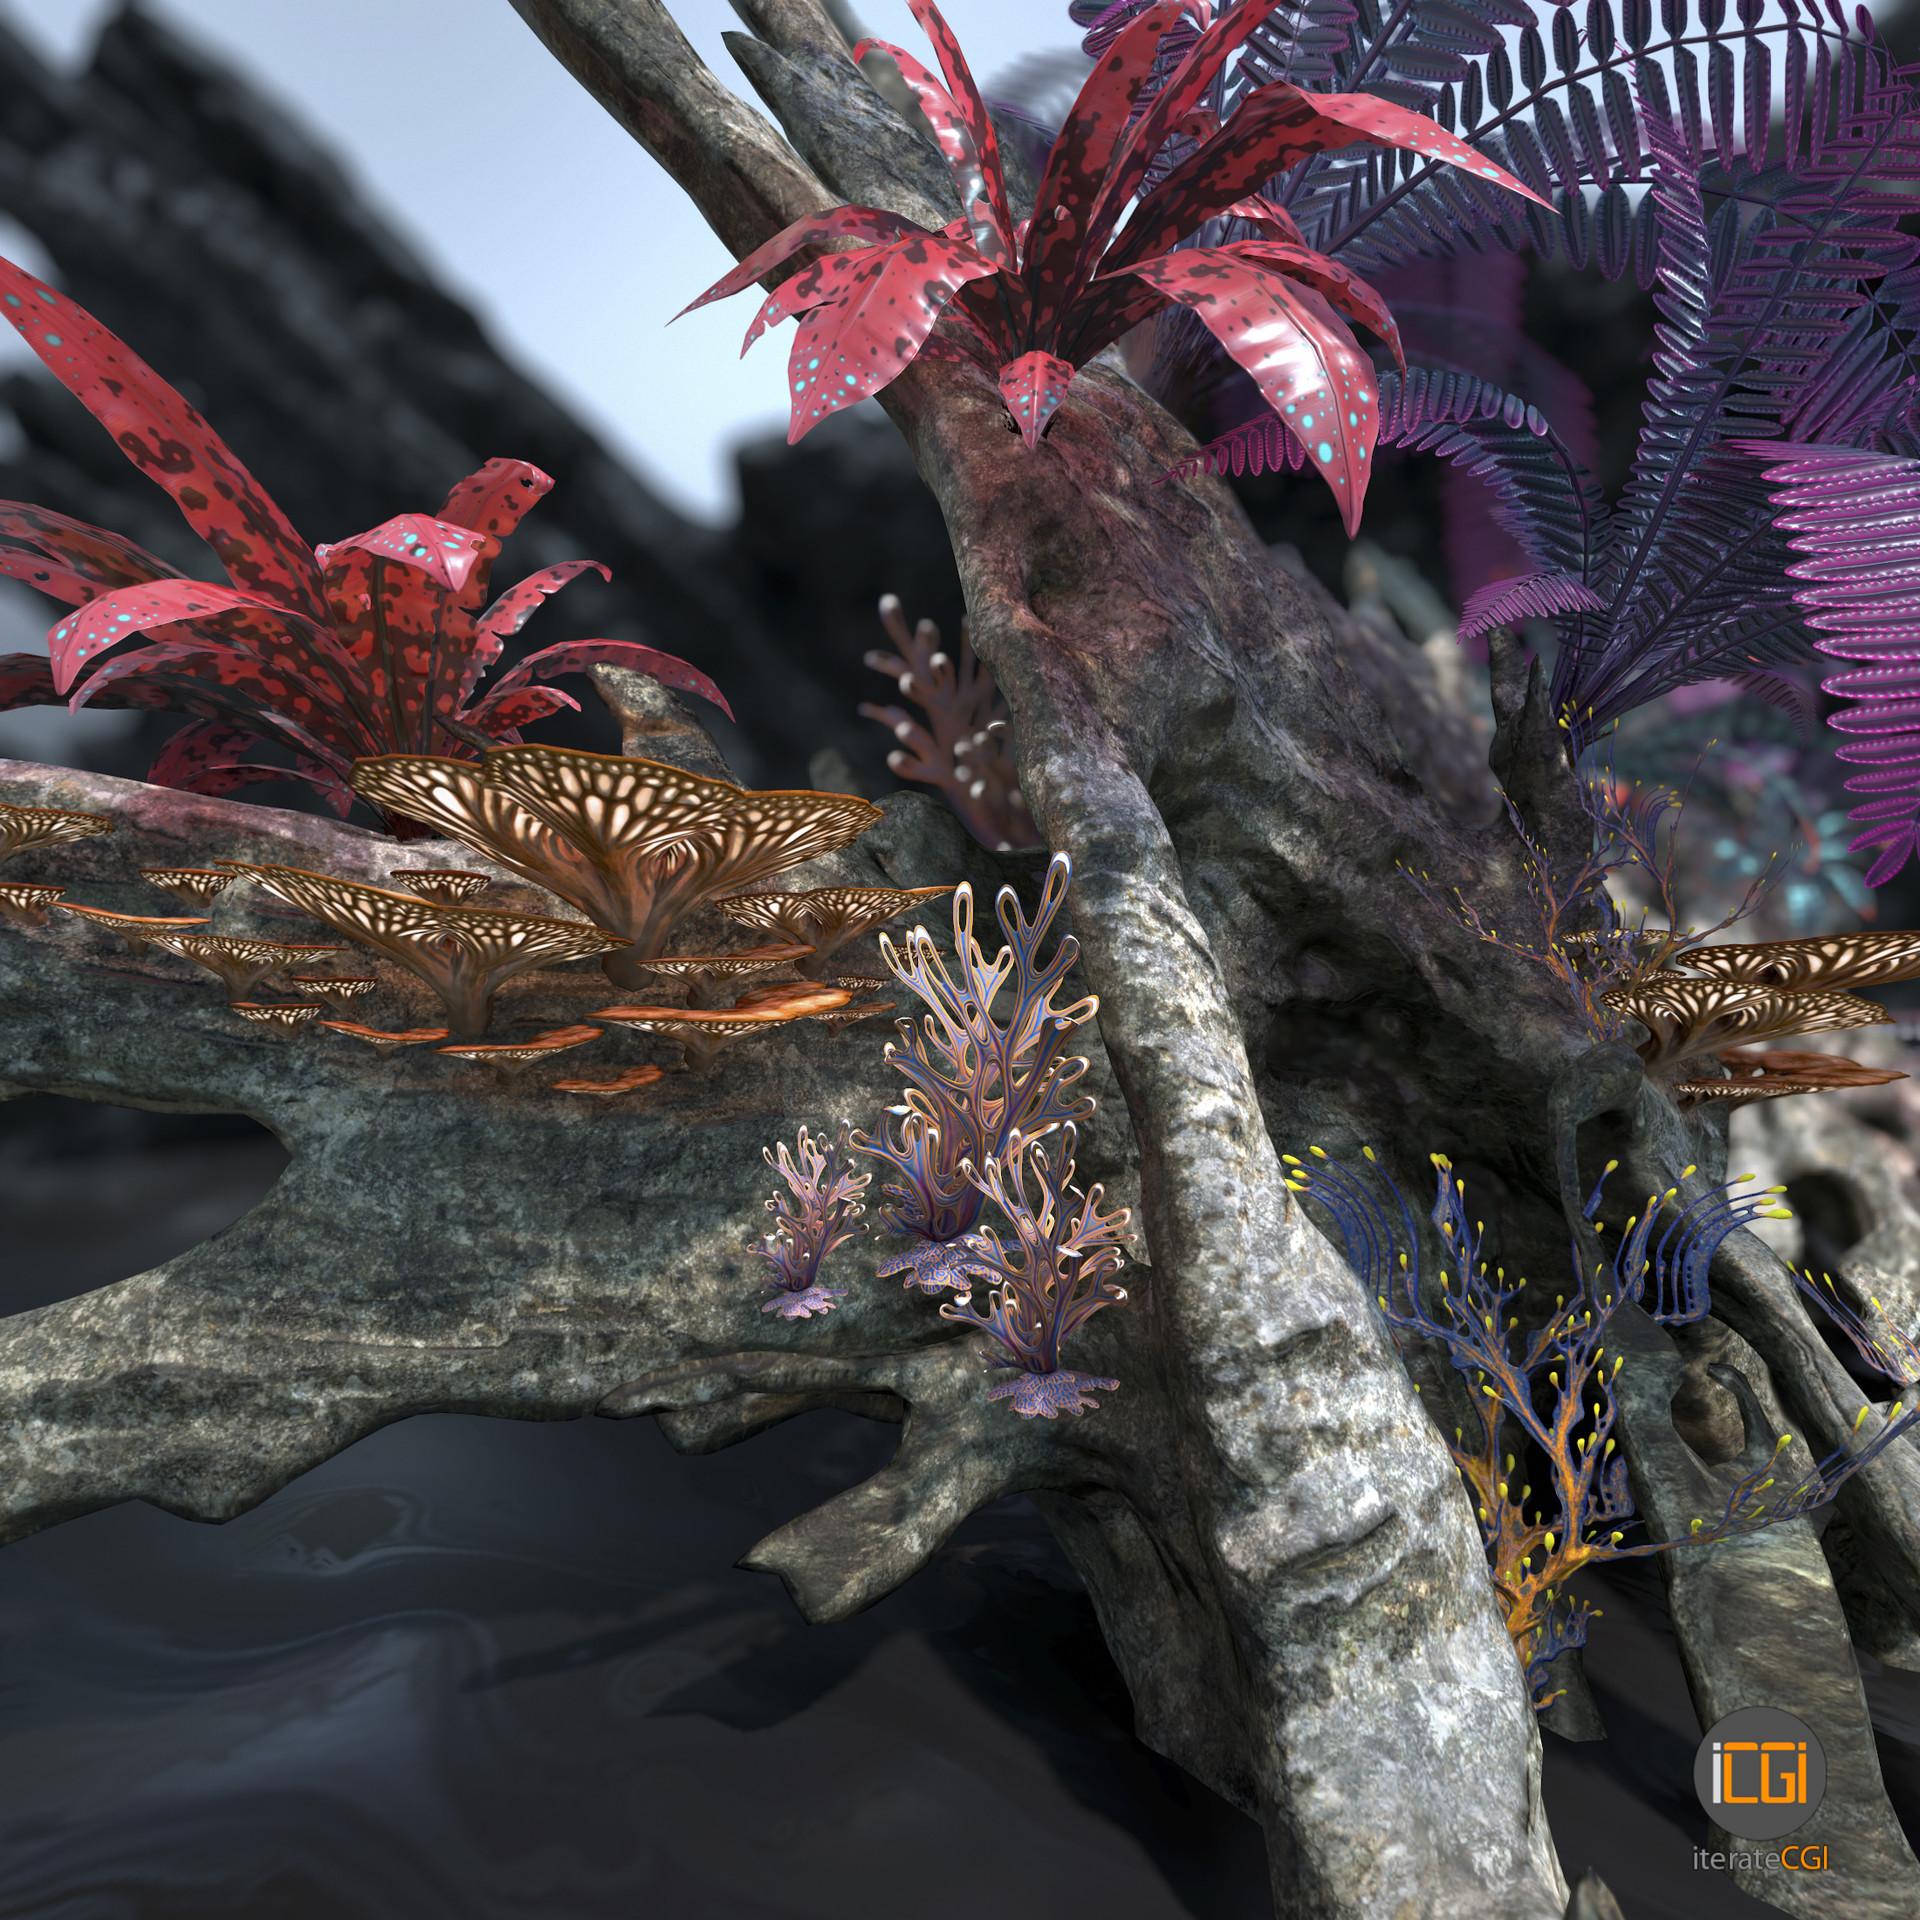 Johan de leenheer alien plant collection36